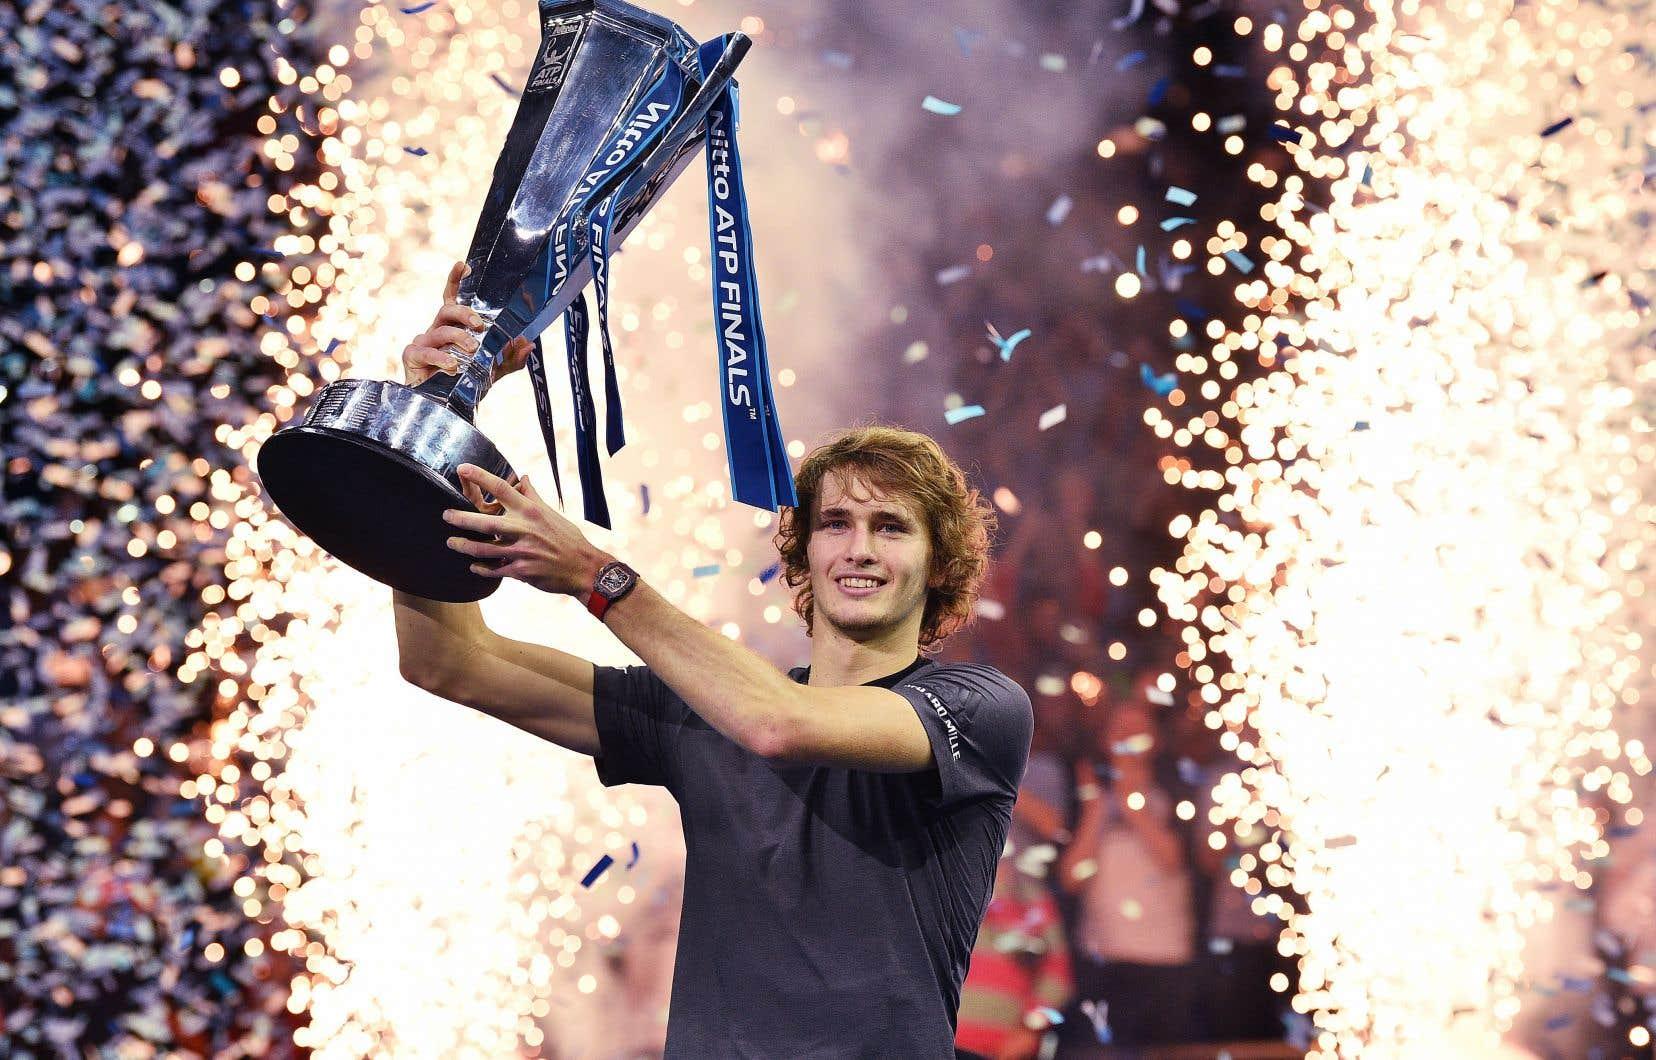 Hormis les membres du «Big 4» (Djokovic, Nadal, Federer et Murray), Alexander Zverev est le seul joueur encore actif à avoir remporté au moins trois tournois de la catégorie Masters 1000.